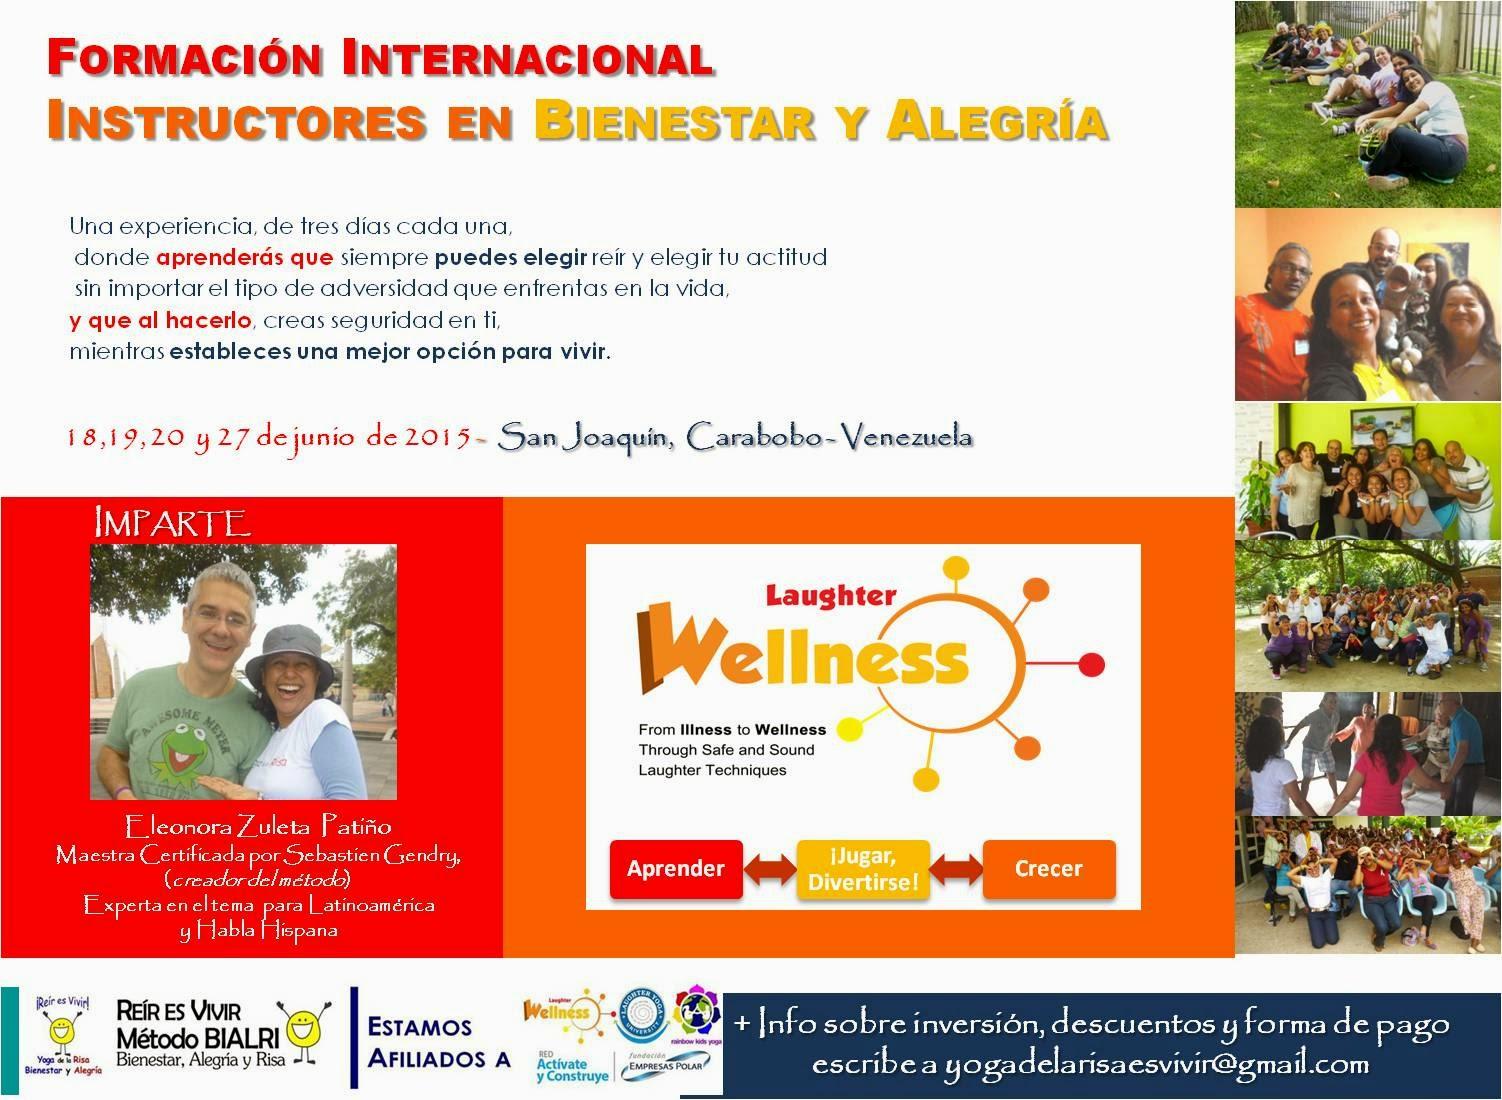 TALLER VIVENCIAL DE INSTRUCTORES EN BIENESTAR Y ALEGRÍA, JUNIO 2015